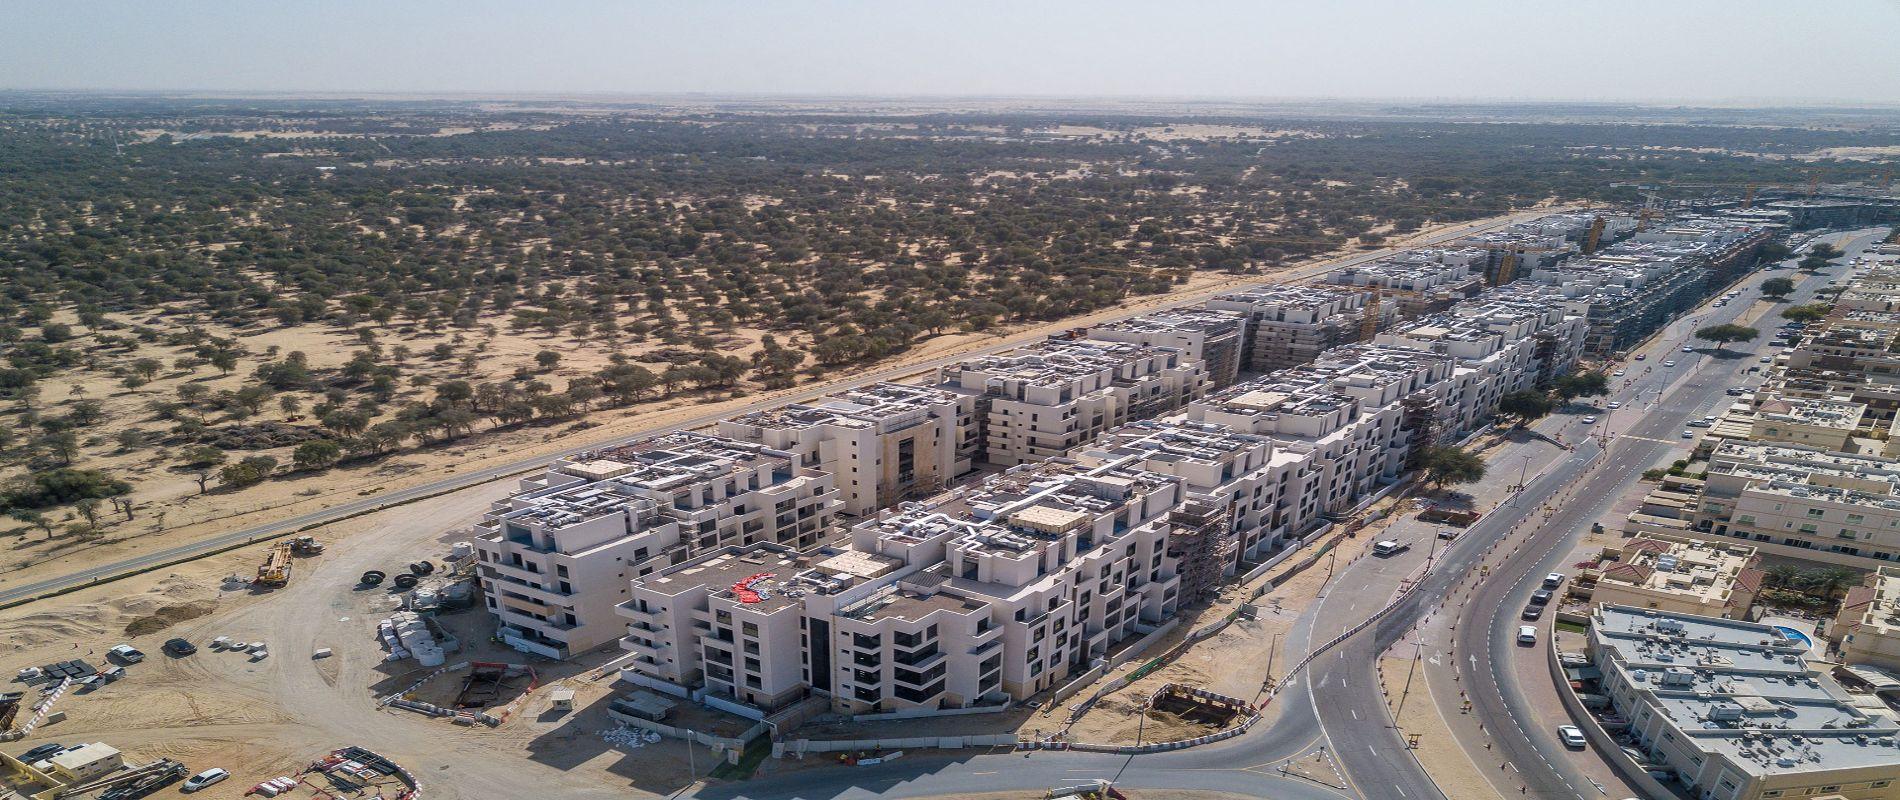 Al Multaqa Avenue